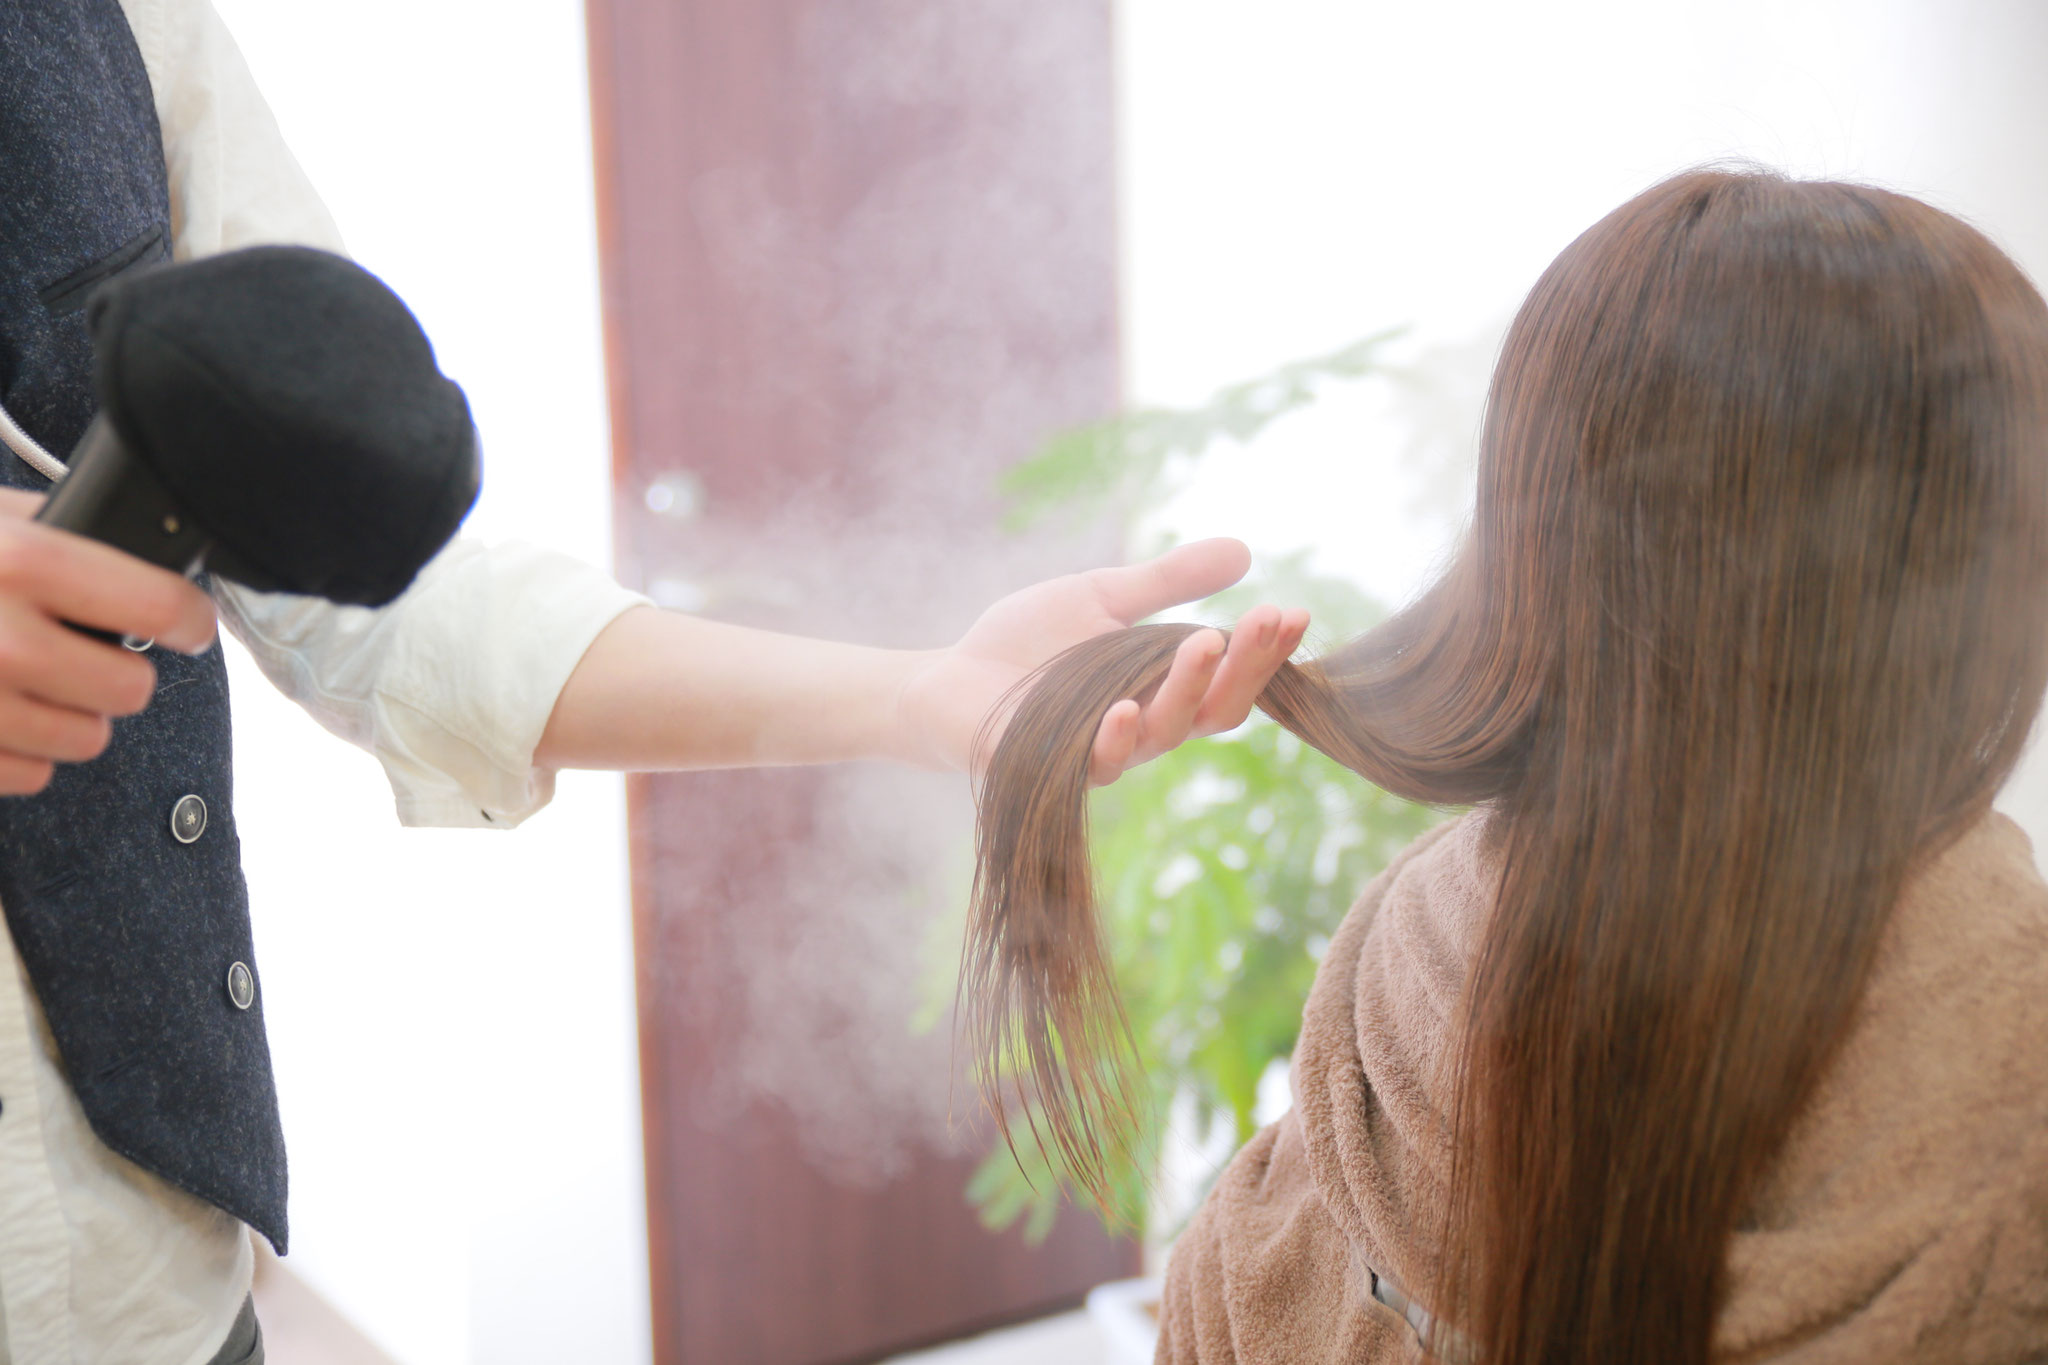 手順3:潤いミストをあてて髪の内部にしっかり浸透させます。